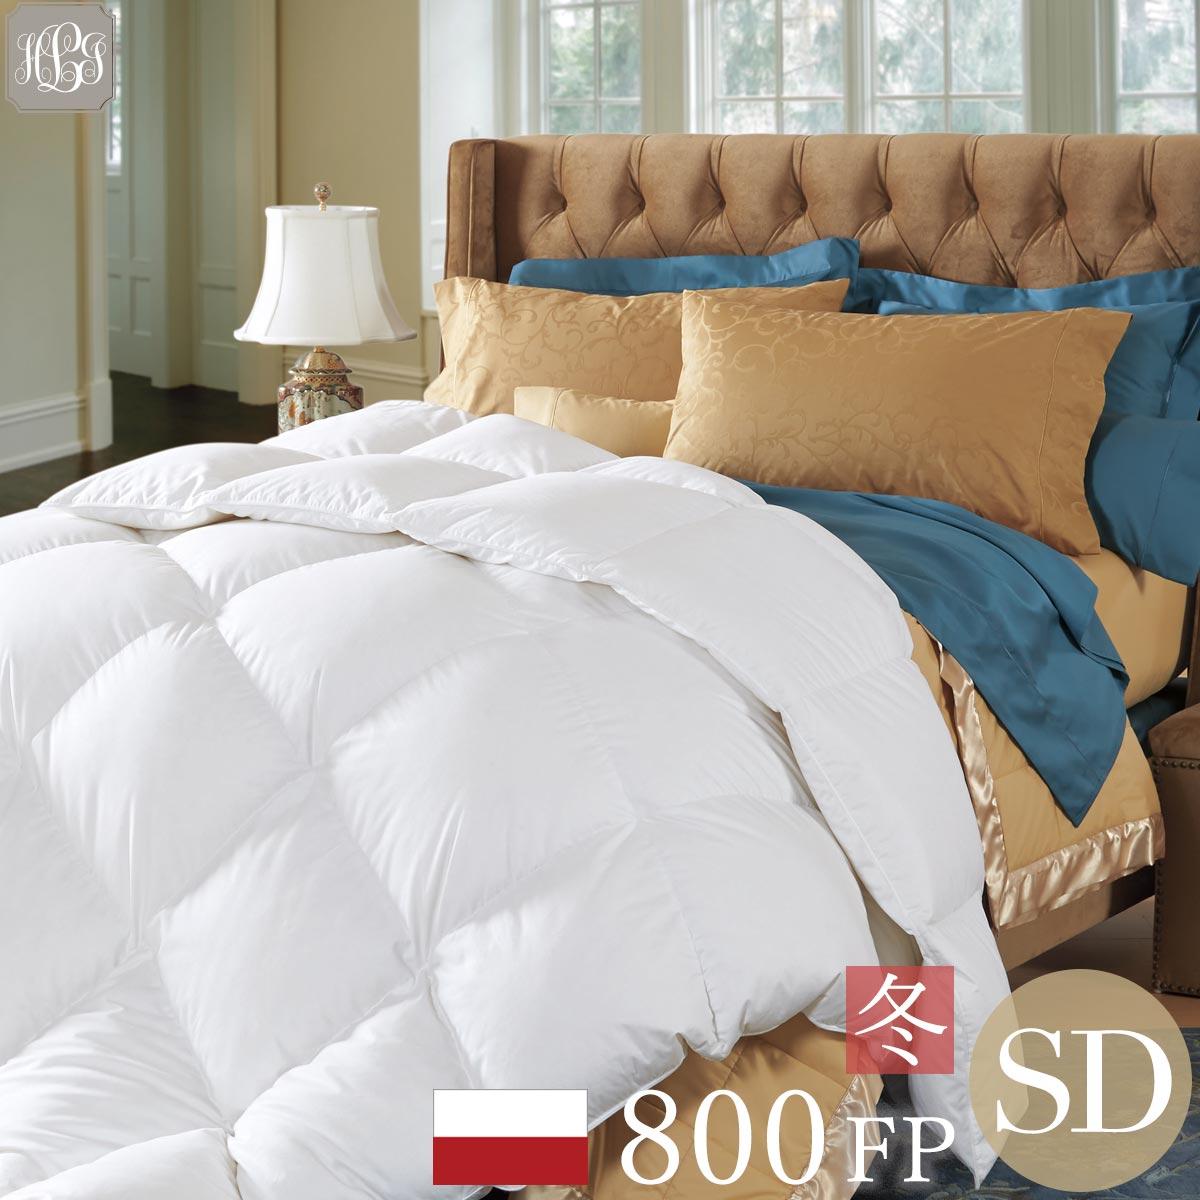 冬用 セミダブル 170cmx210cm 羽毛布団 800フィルパワーポーランド産ホワイトマザーグースダウン ダウンブランケット 送料無料